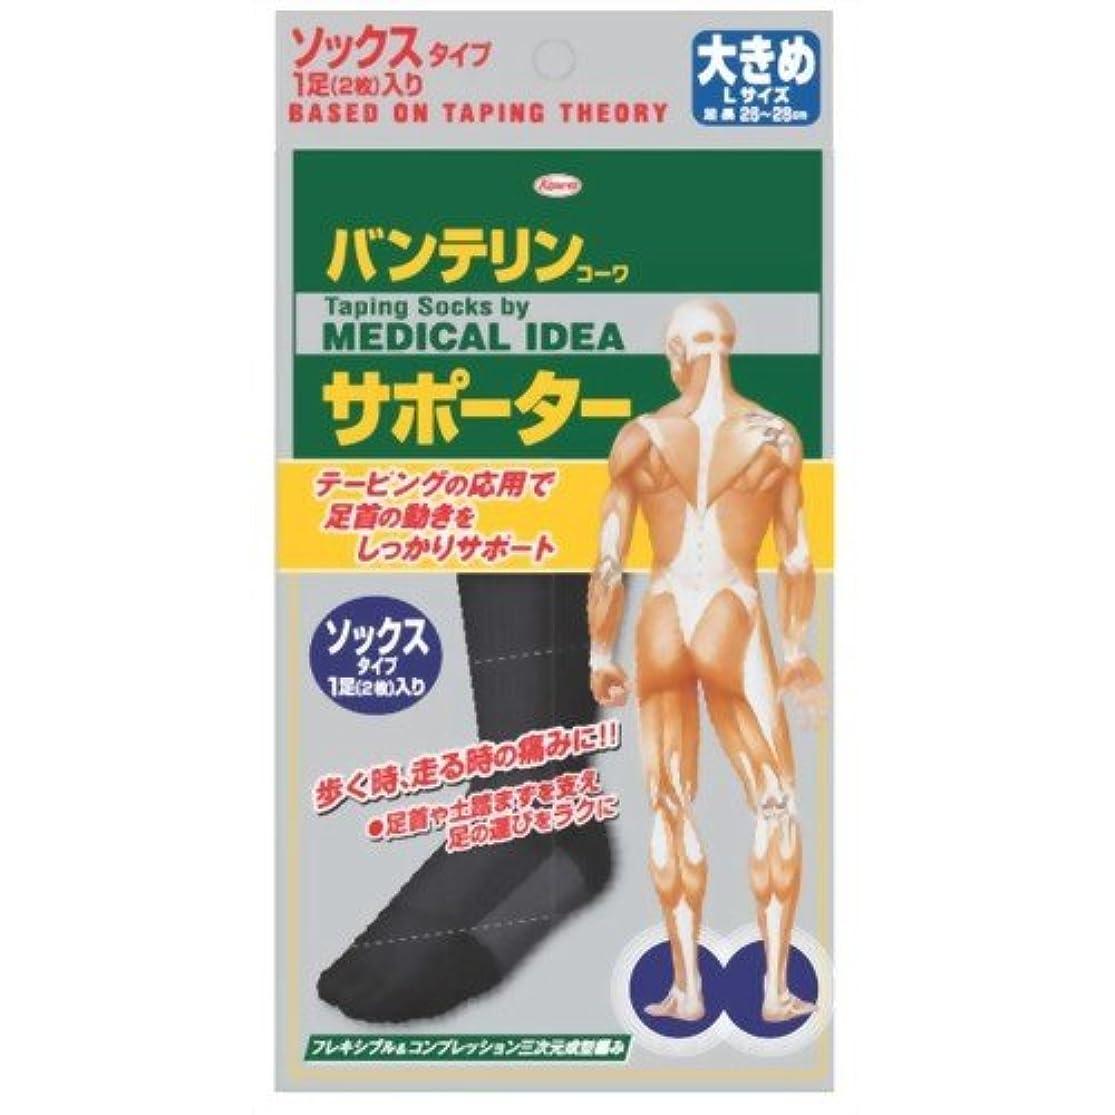 アクションファッション比べるバンテリンコーワサポーター ソックスタイプ ブラック 大きめ(26~28cm) 1足(2枚入)